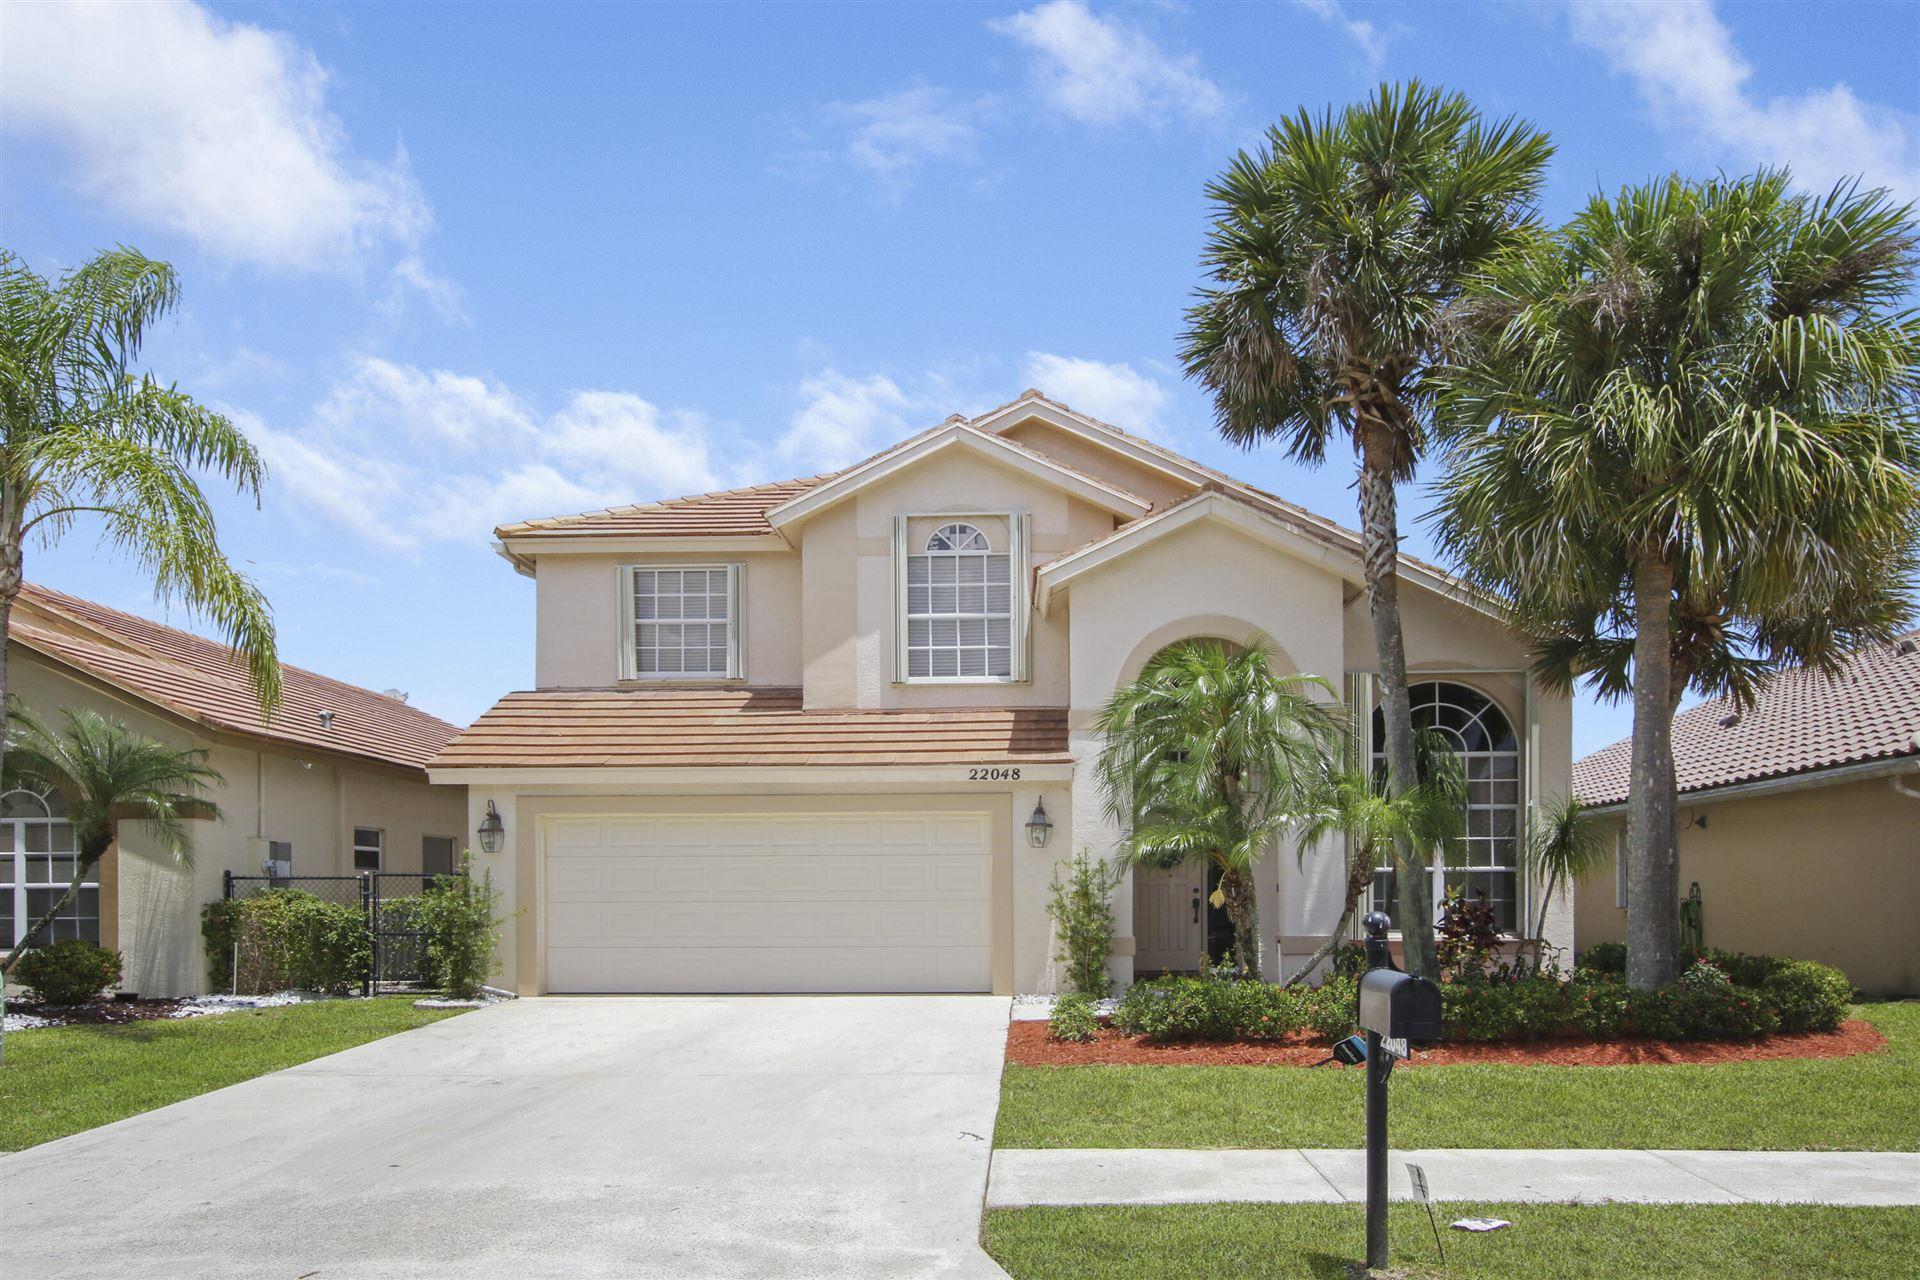 22048 Altona Drive, Boca Raton, FL 33428 - MLS#: RX-10715693